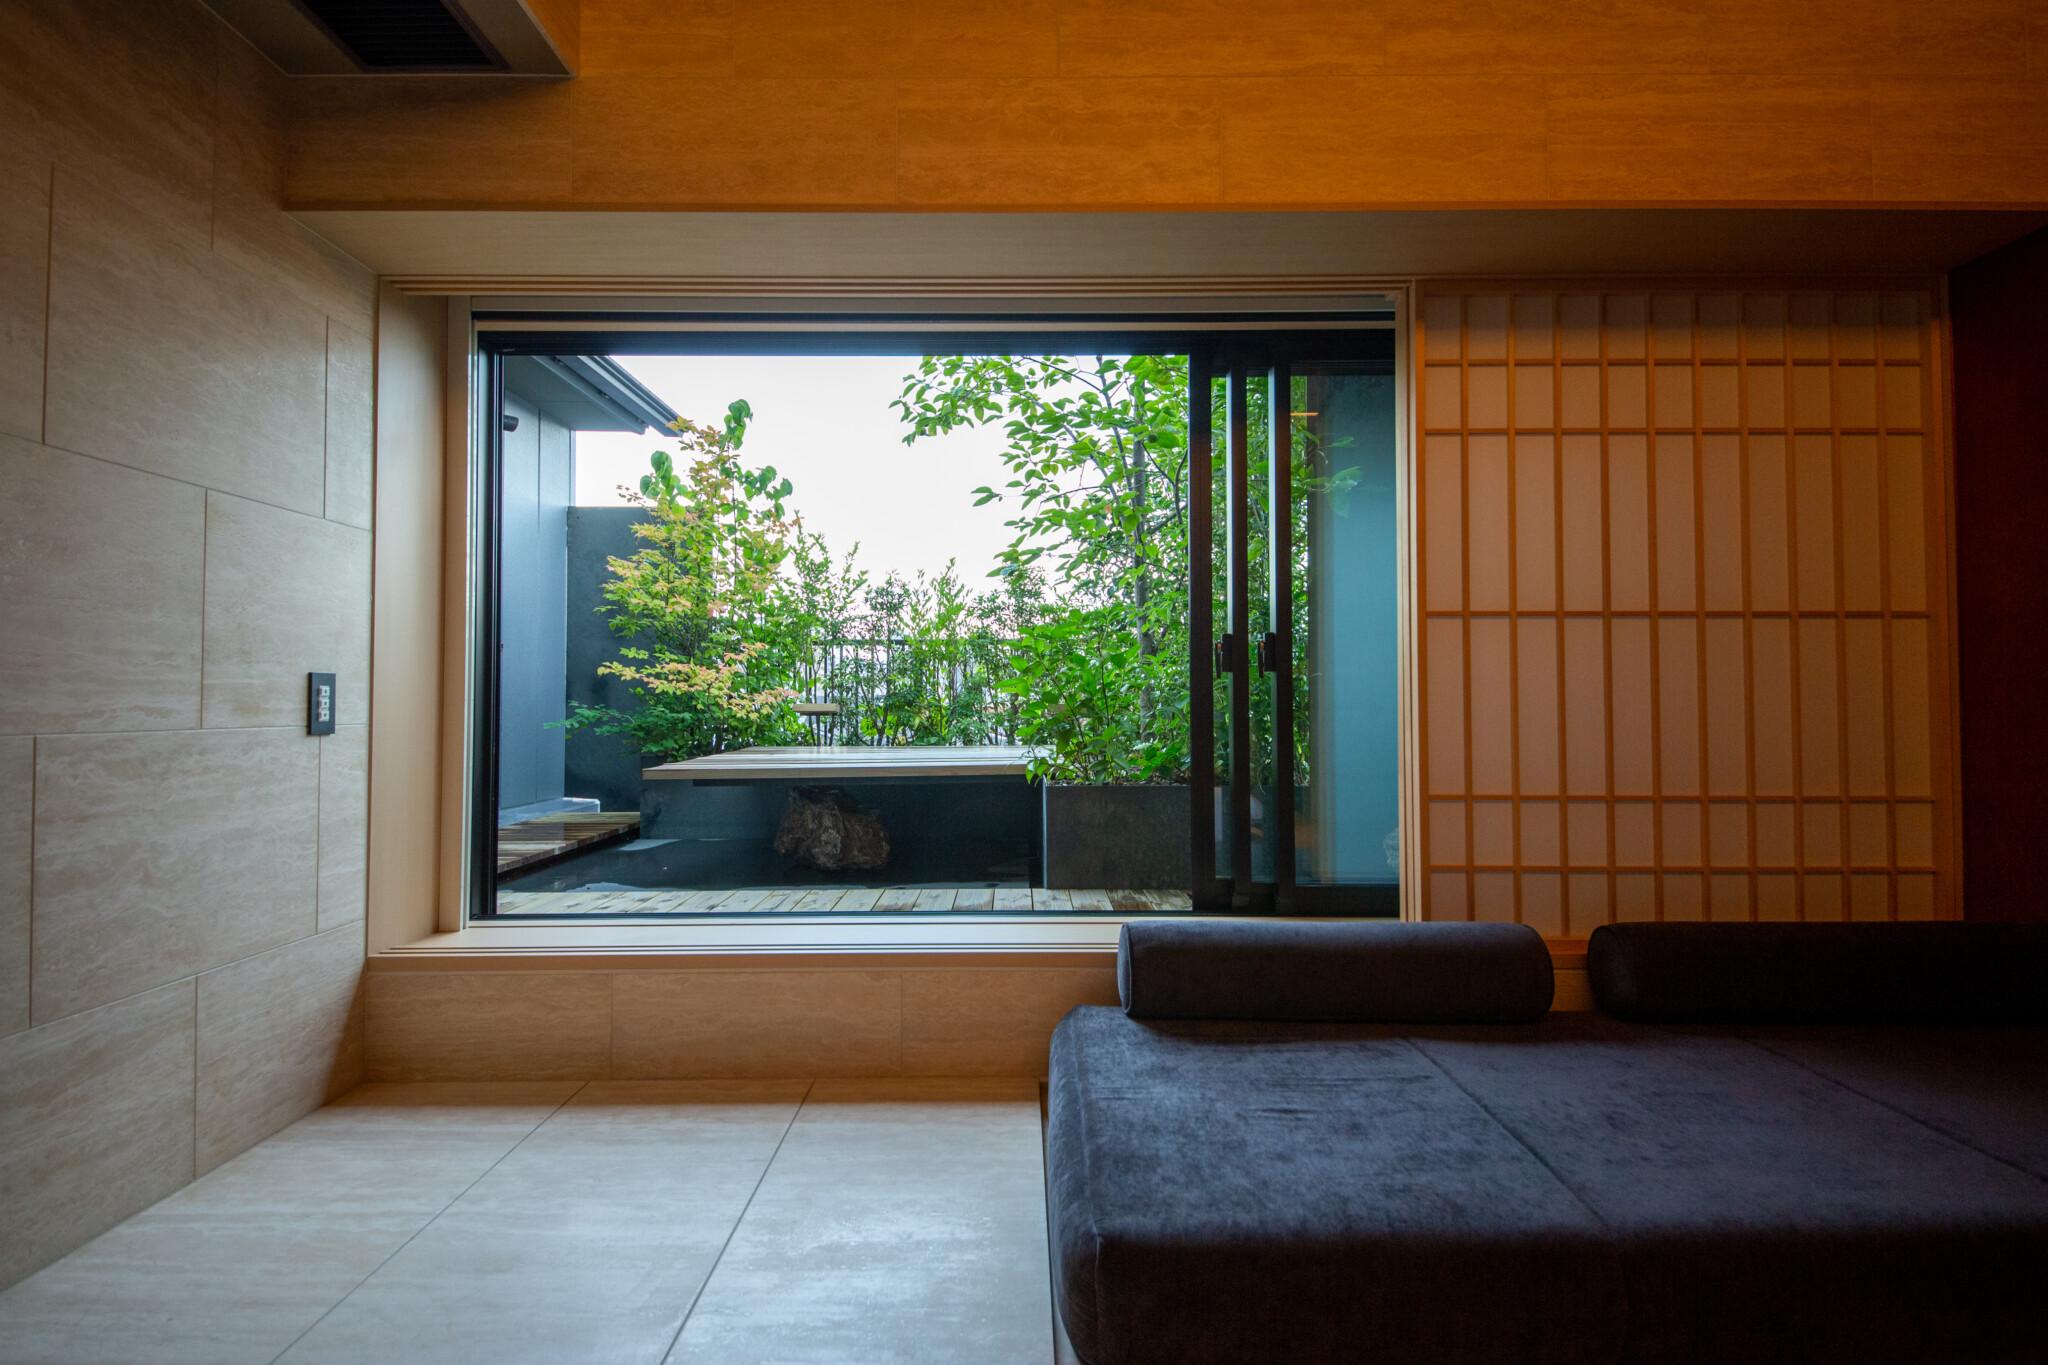 2室限定のテラス付きルーム。/全客室の中で2室限定の「テラス付きtouプレミアムキング」は31㎡。お風呂上がりにテラスで一杯、が最高に気持ちいい。